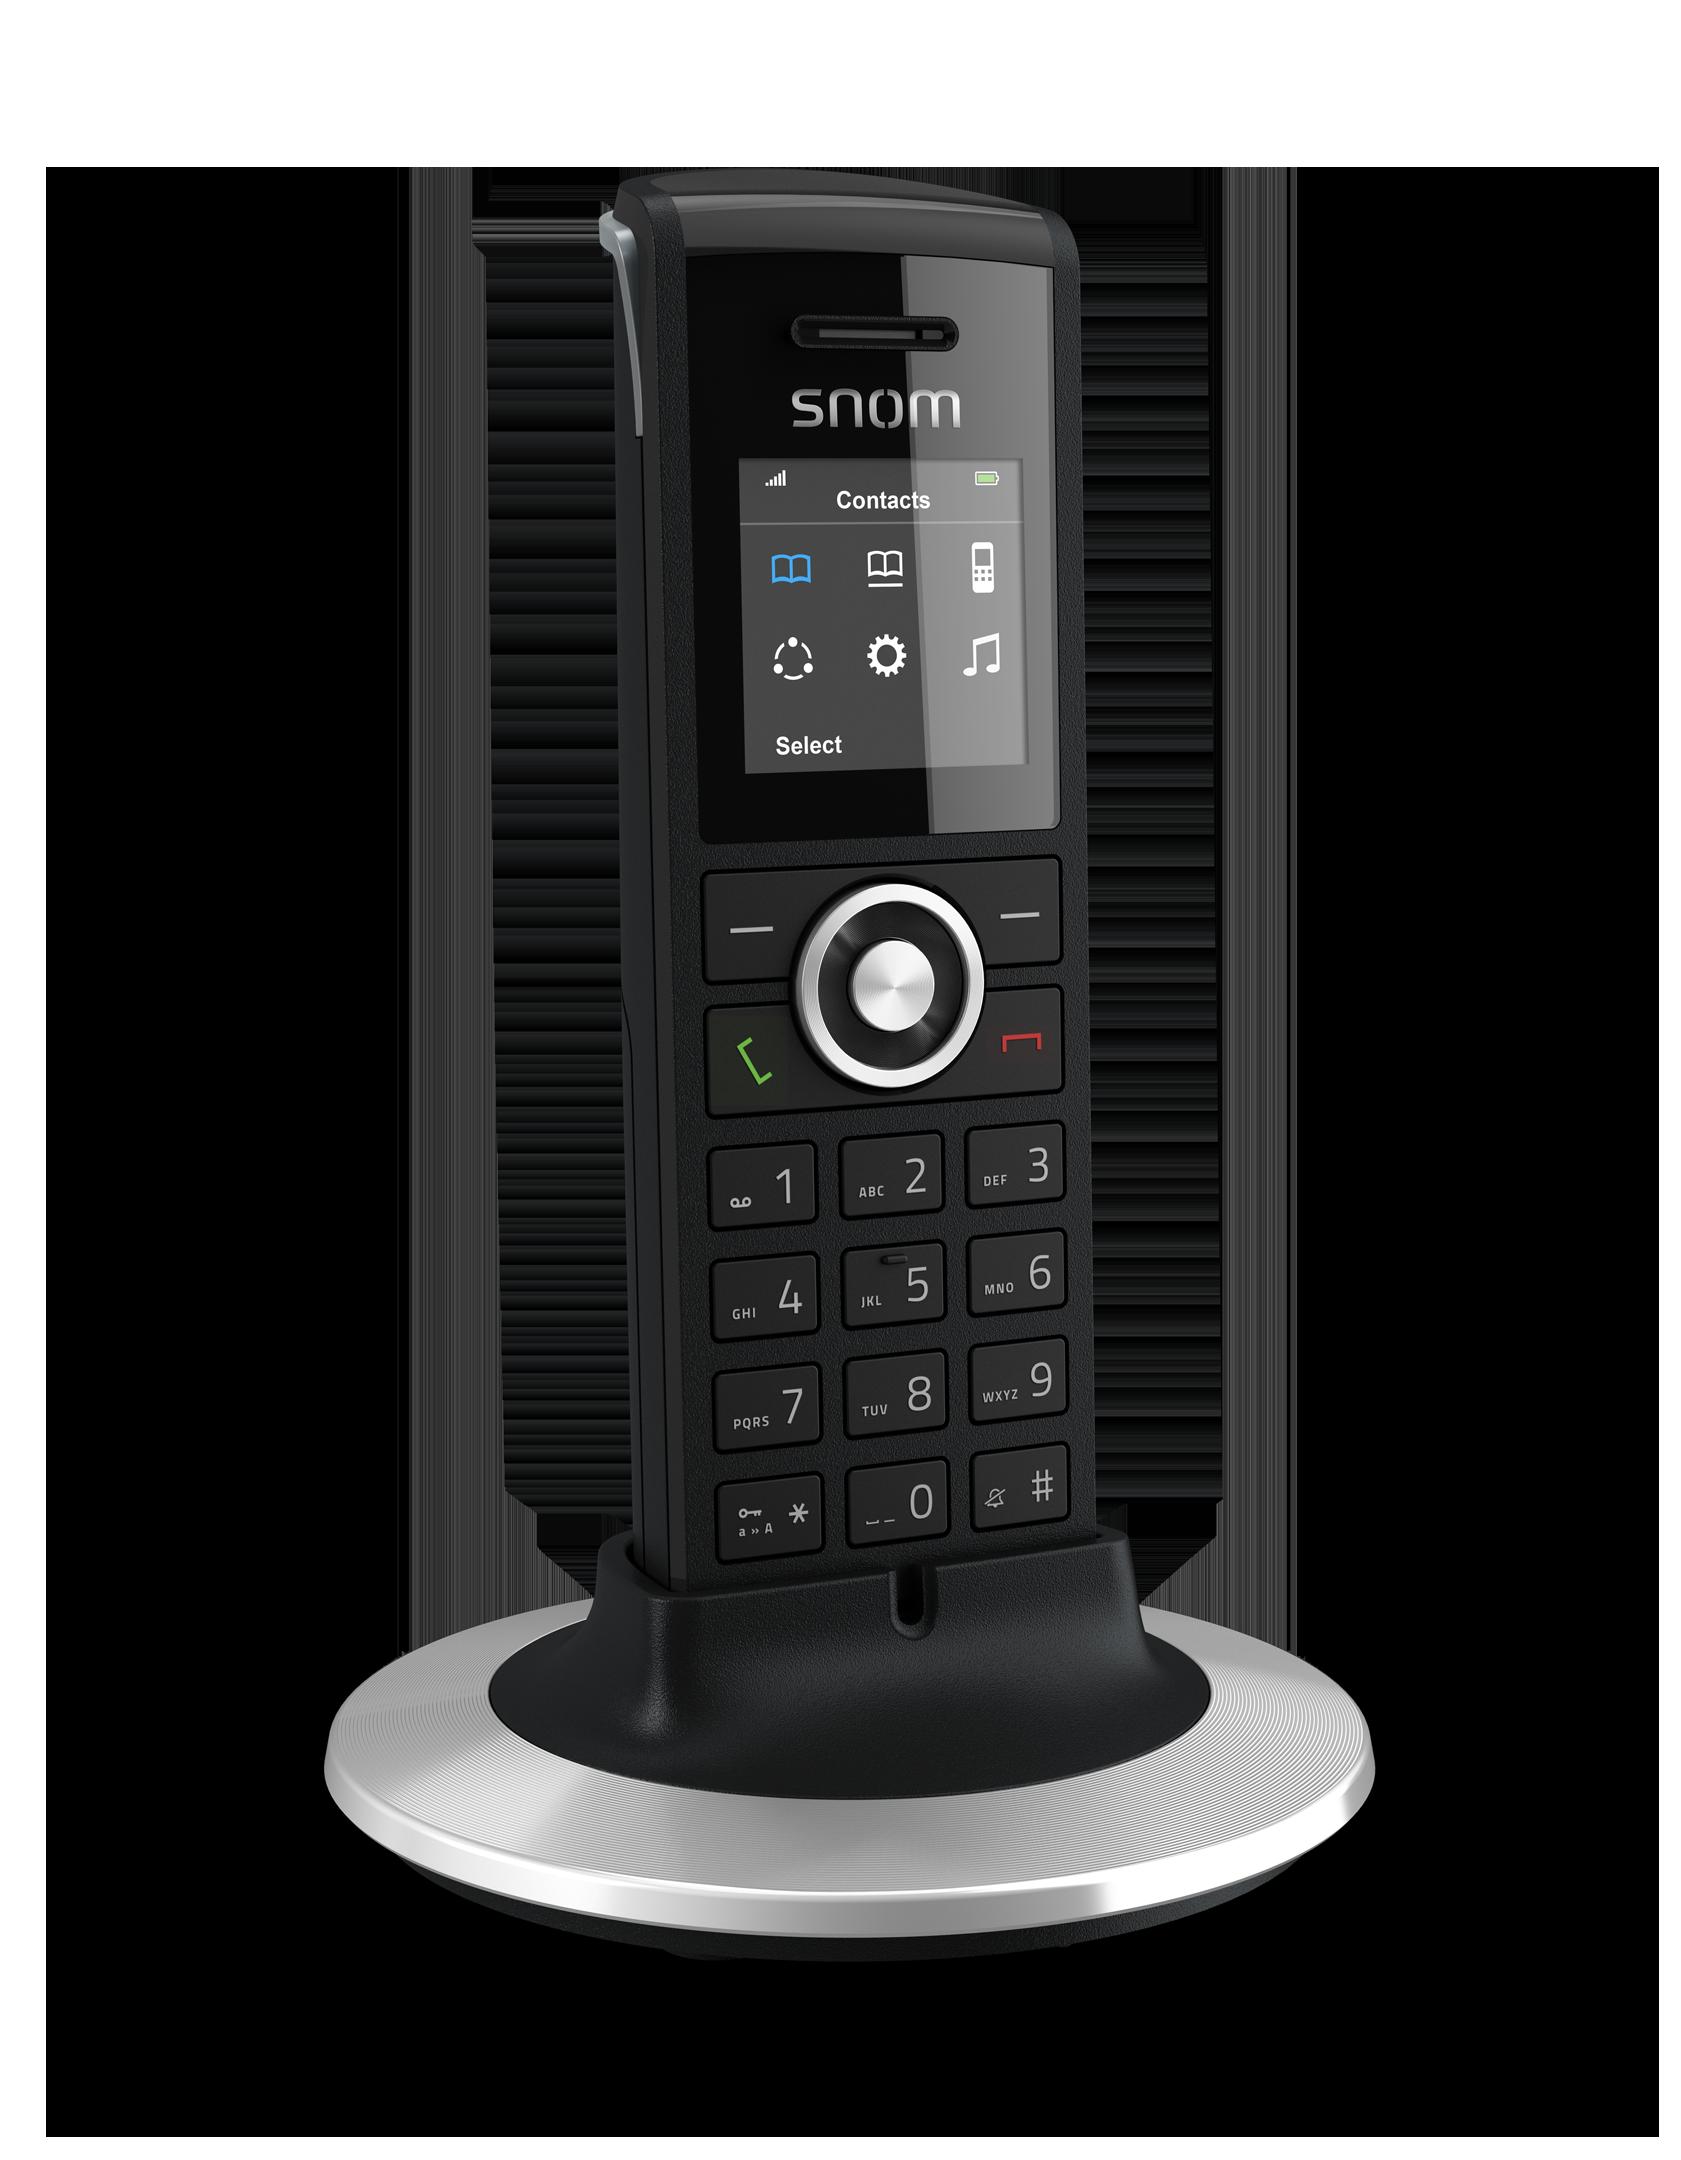 designing an ip phone